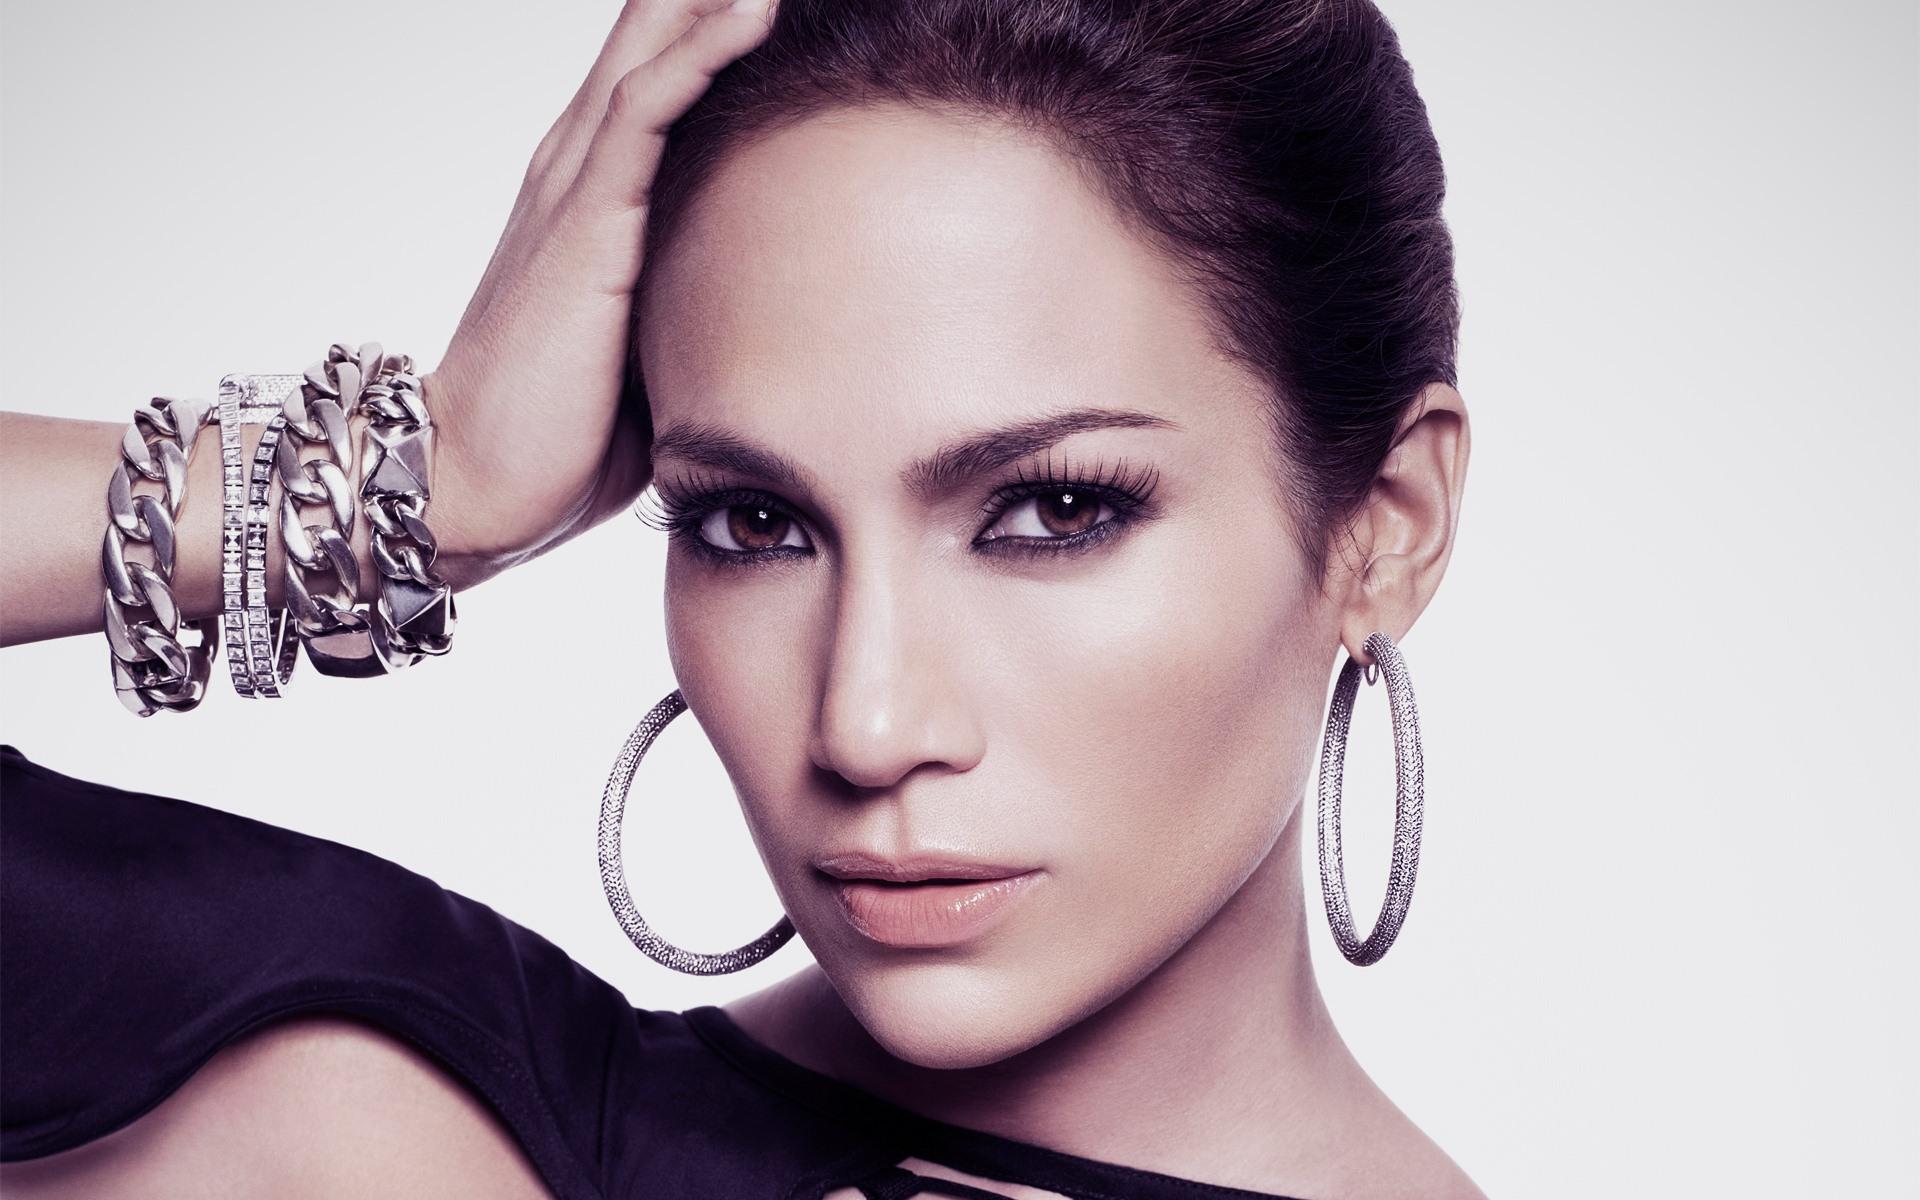 ジェニファー·ロペスの美しい壁紙 #1 - 1920x1200 壁紙 ... Jennifer Lopez